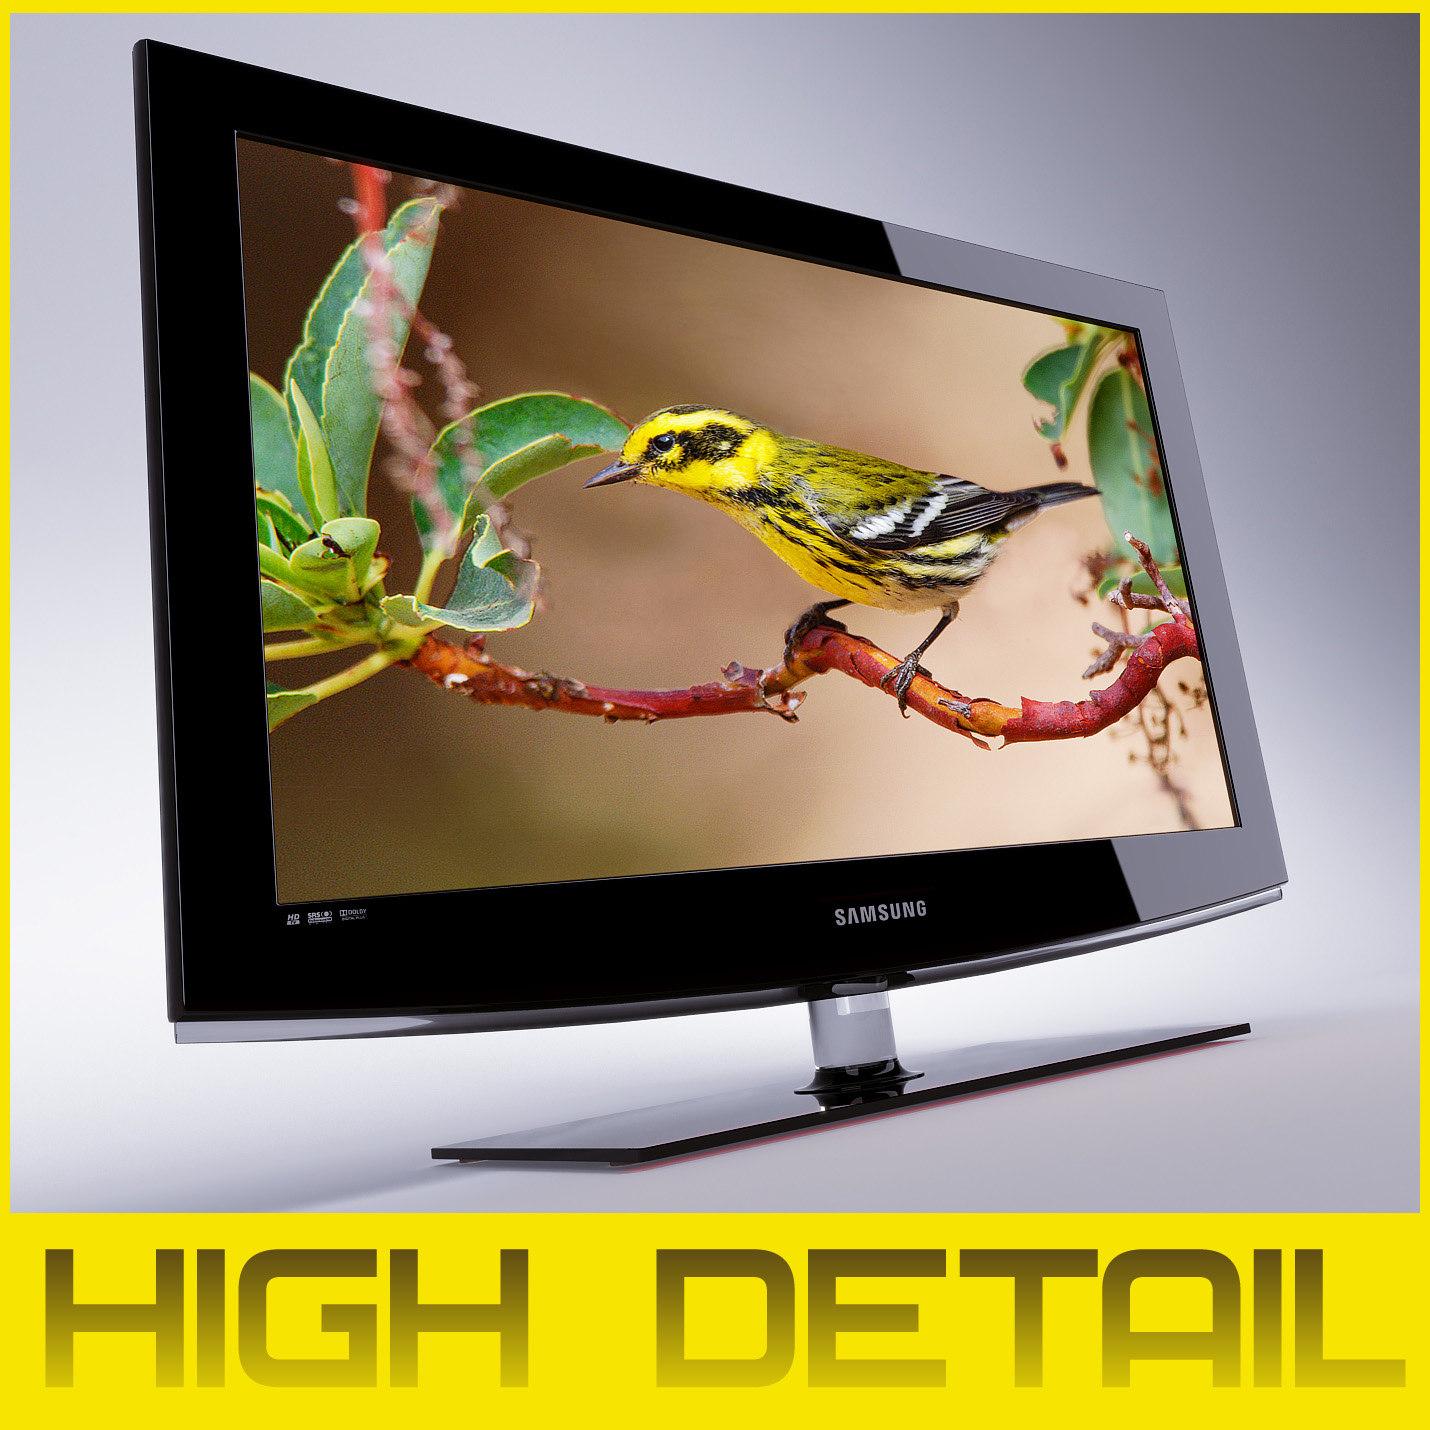 LCD_Samsung_prevy.jpg